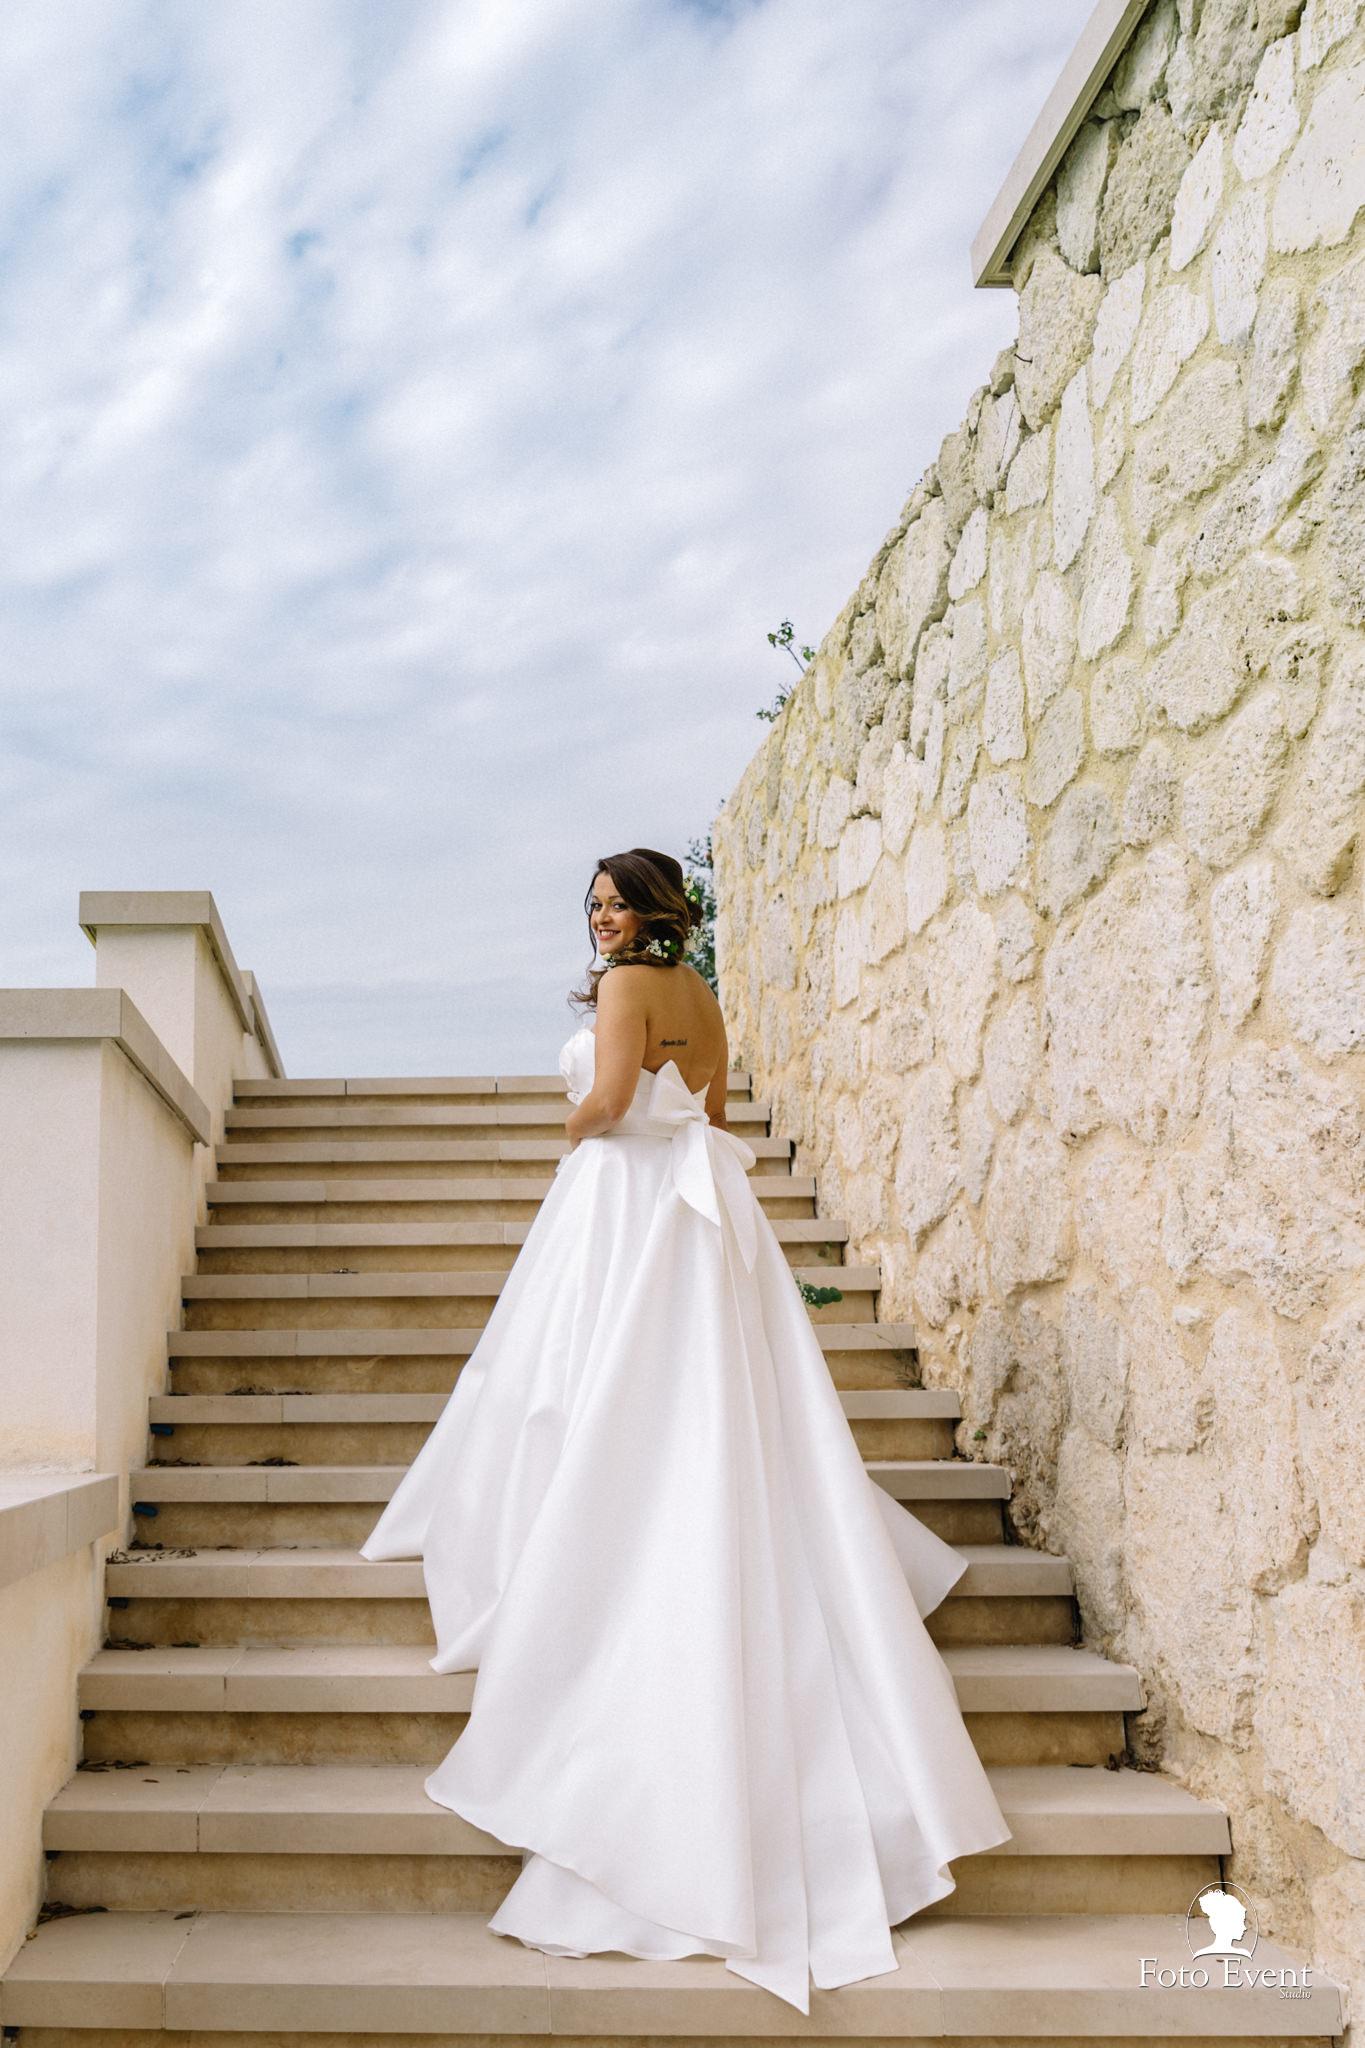 030-2020-10-15-Matrimonio-Noemi-e-Salvatore-Paterno-5DE-1154